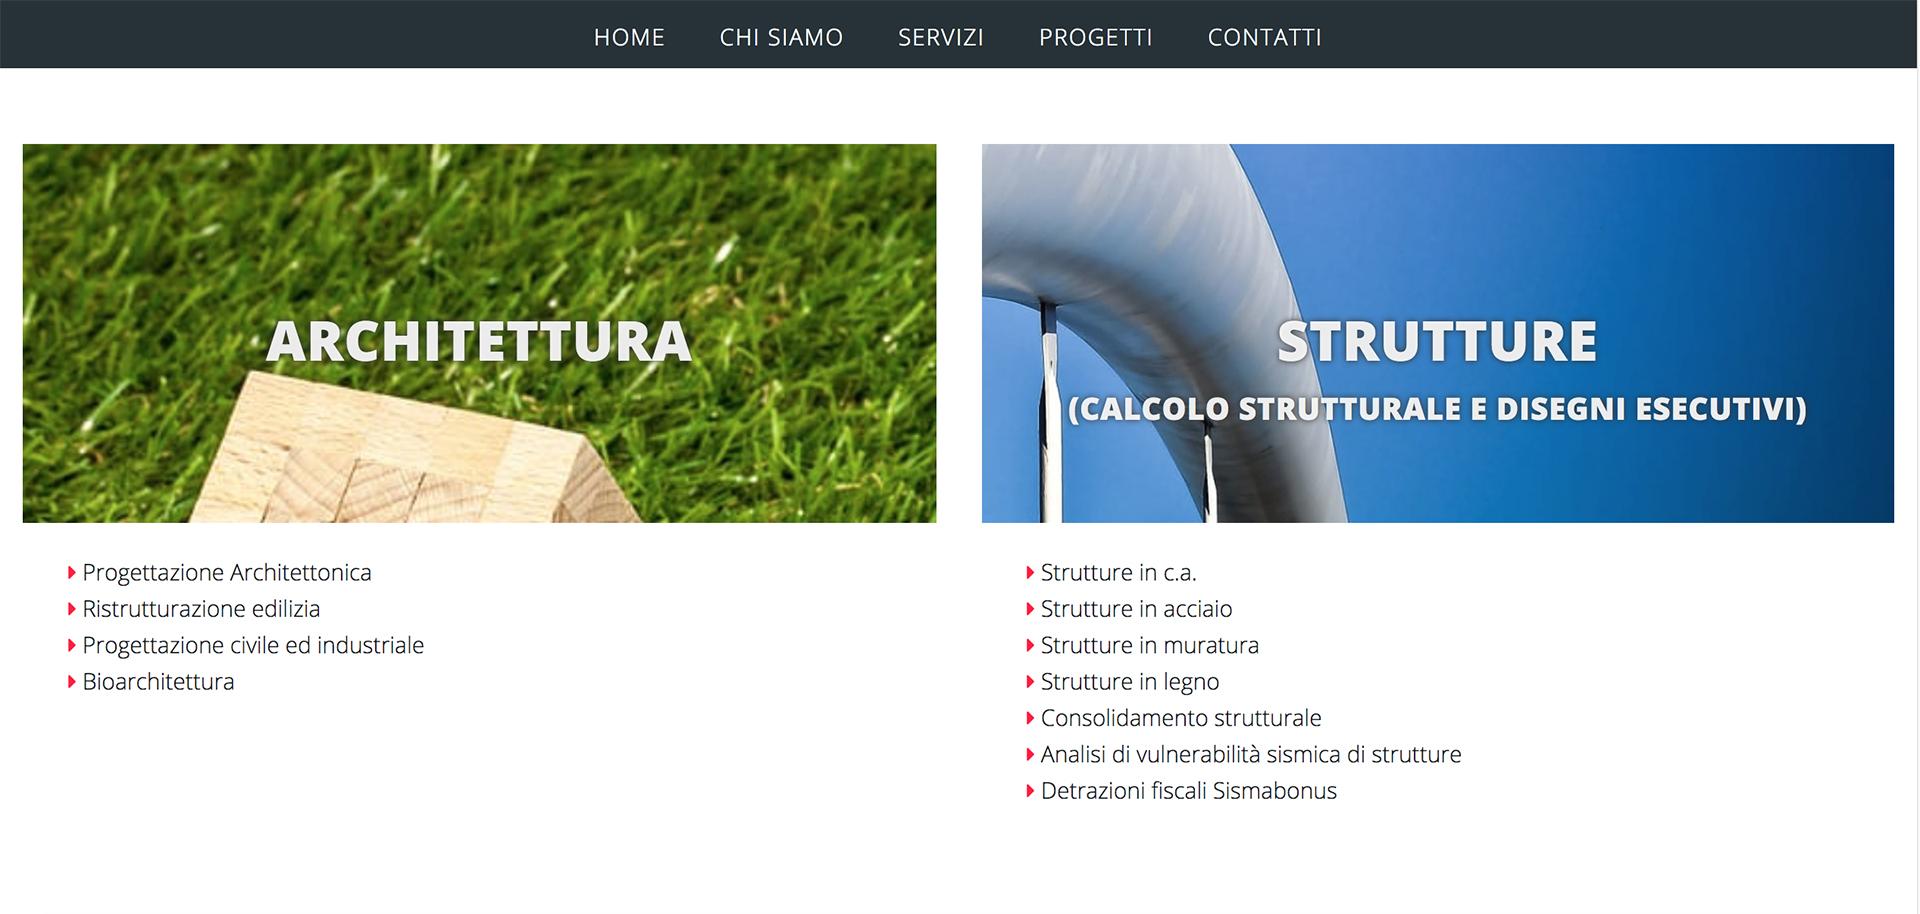 Studio Gallonetto pink different siti web professionali Venezia-Treviso-Veneto